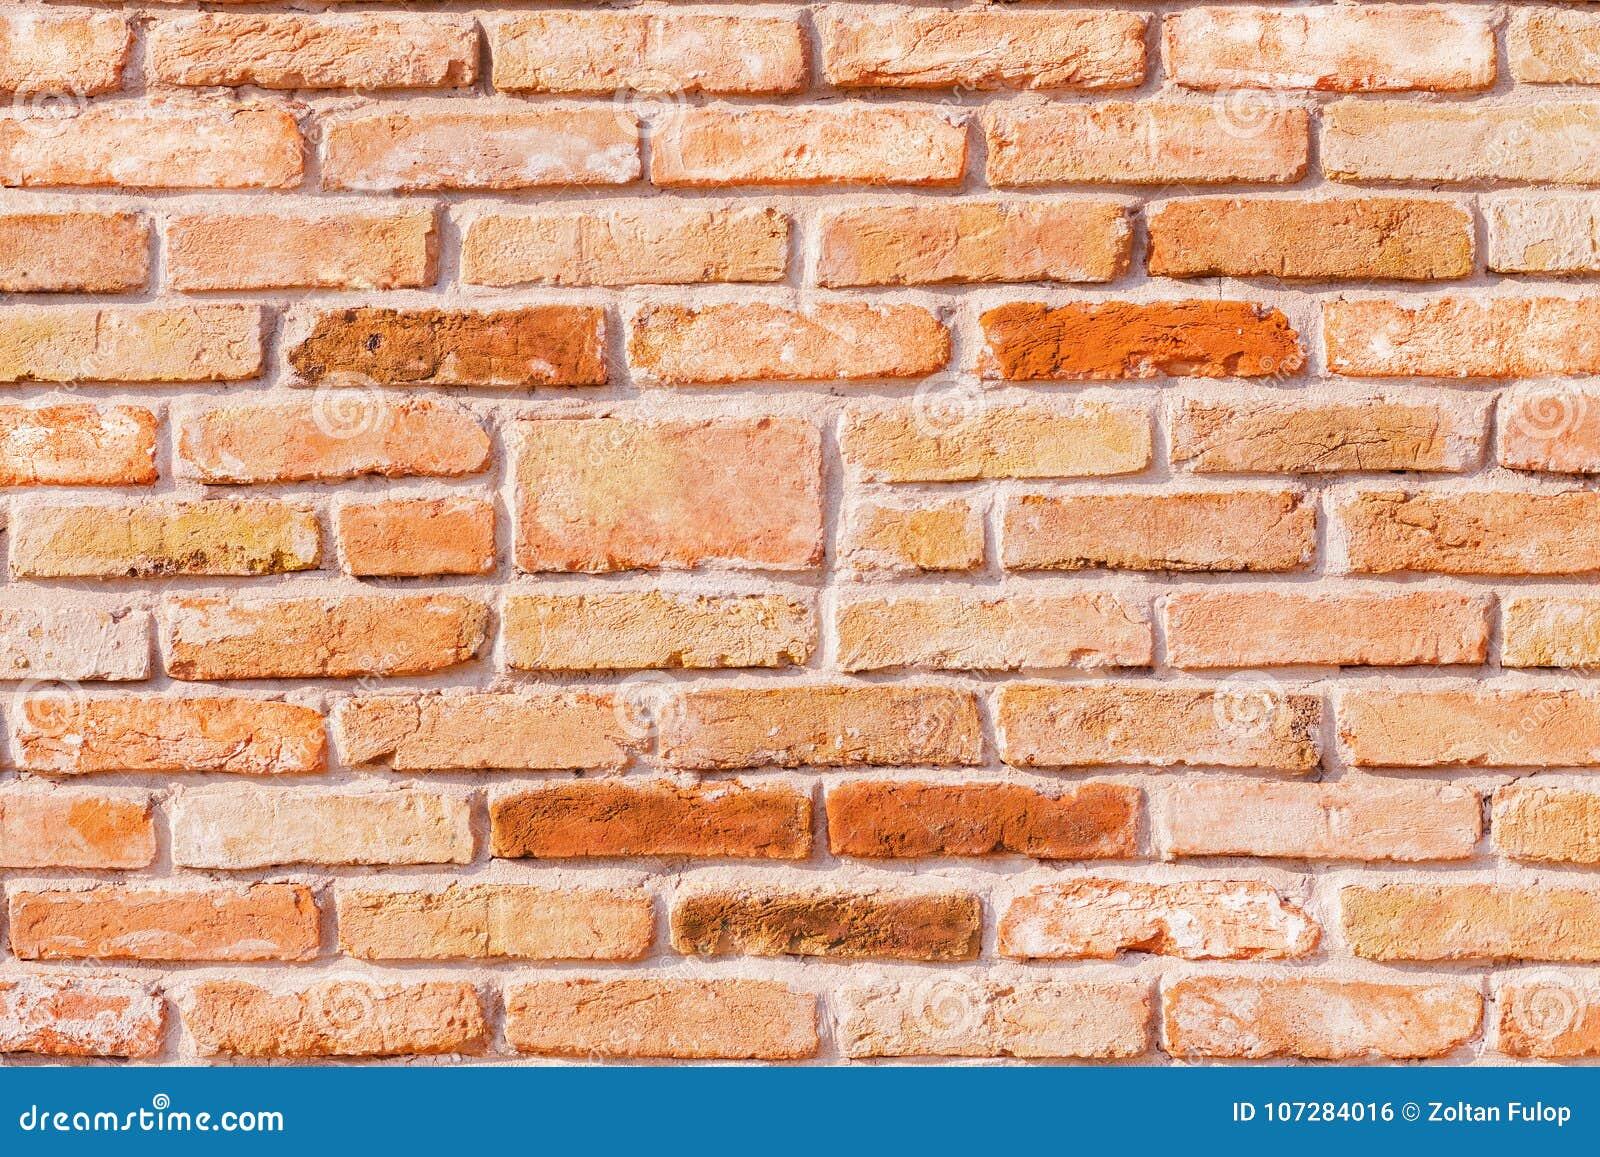 Tapete einer roten antiken Backsteinmauer mit farbigen Ziegelsteinen